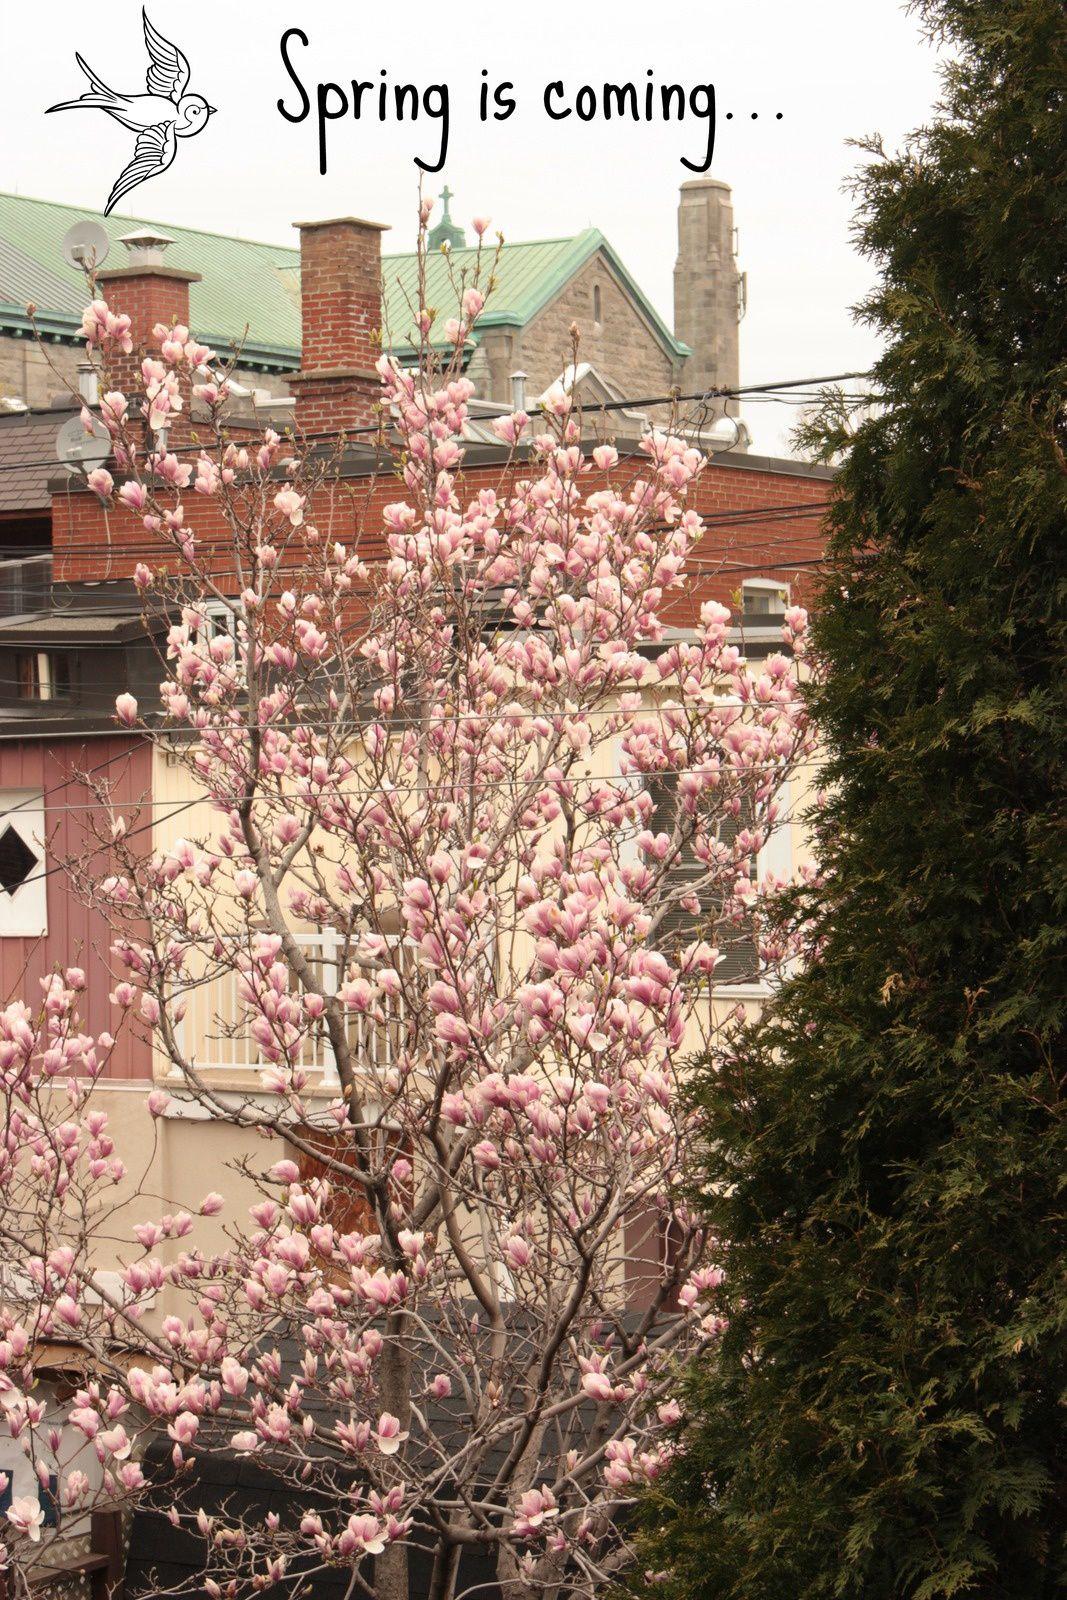 Enfin le printemps, le vrai